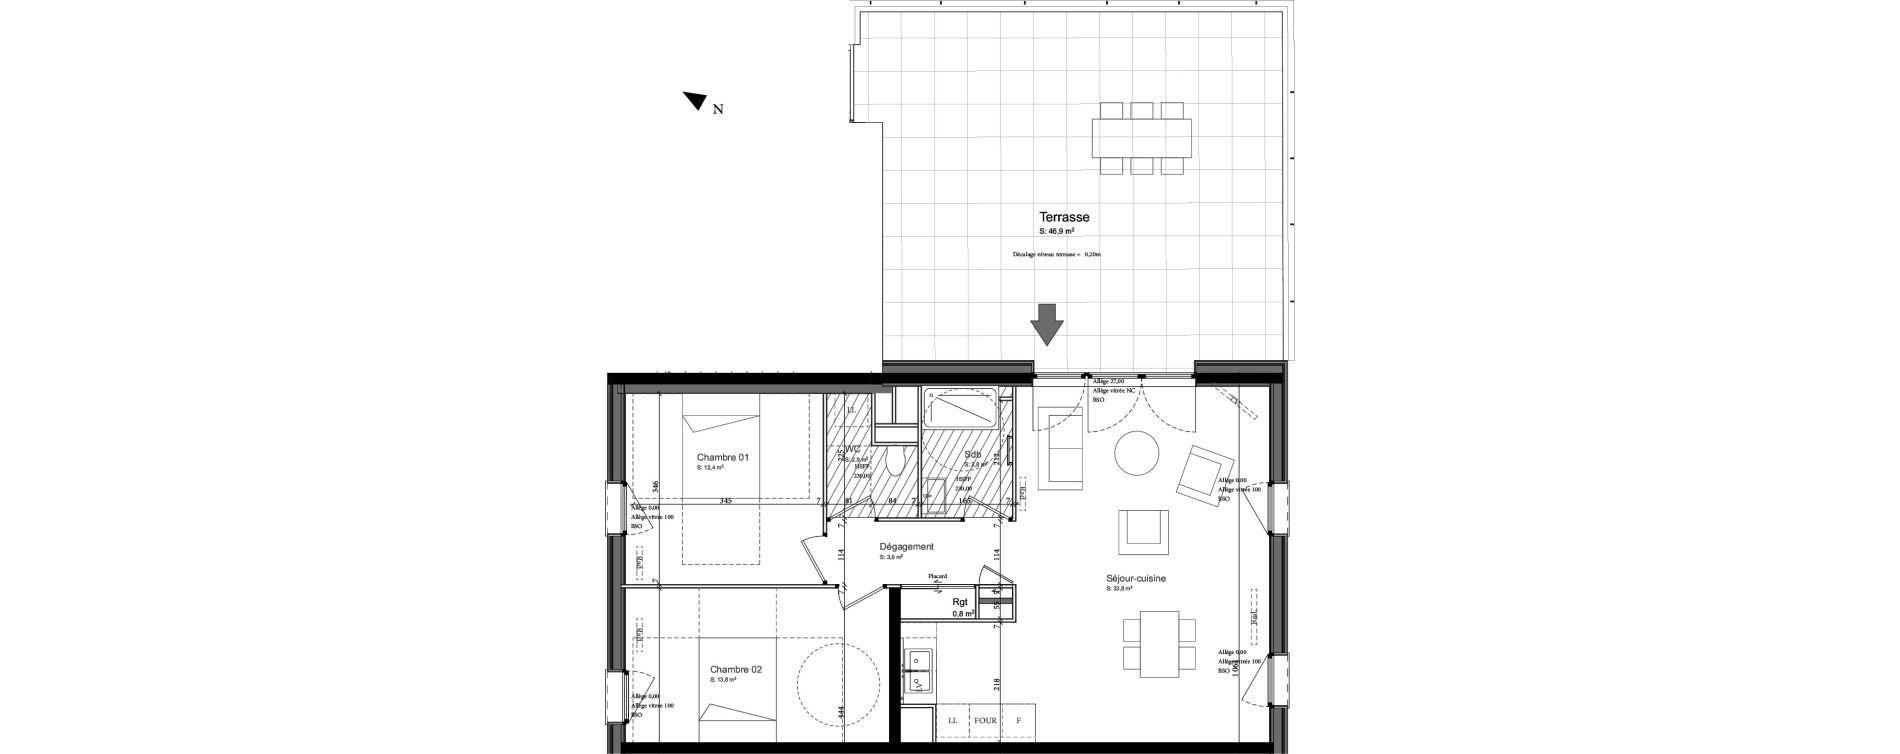 Appartement T4 de 70,40 m2 à Nancy Grand coeur